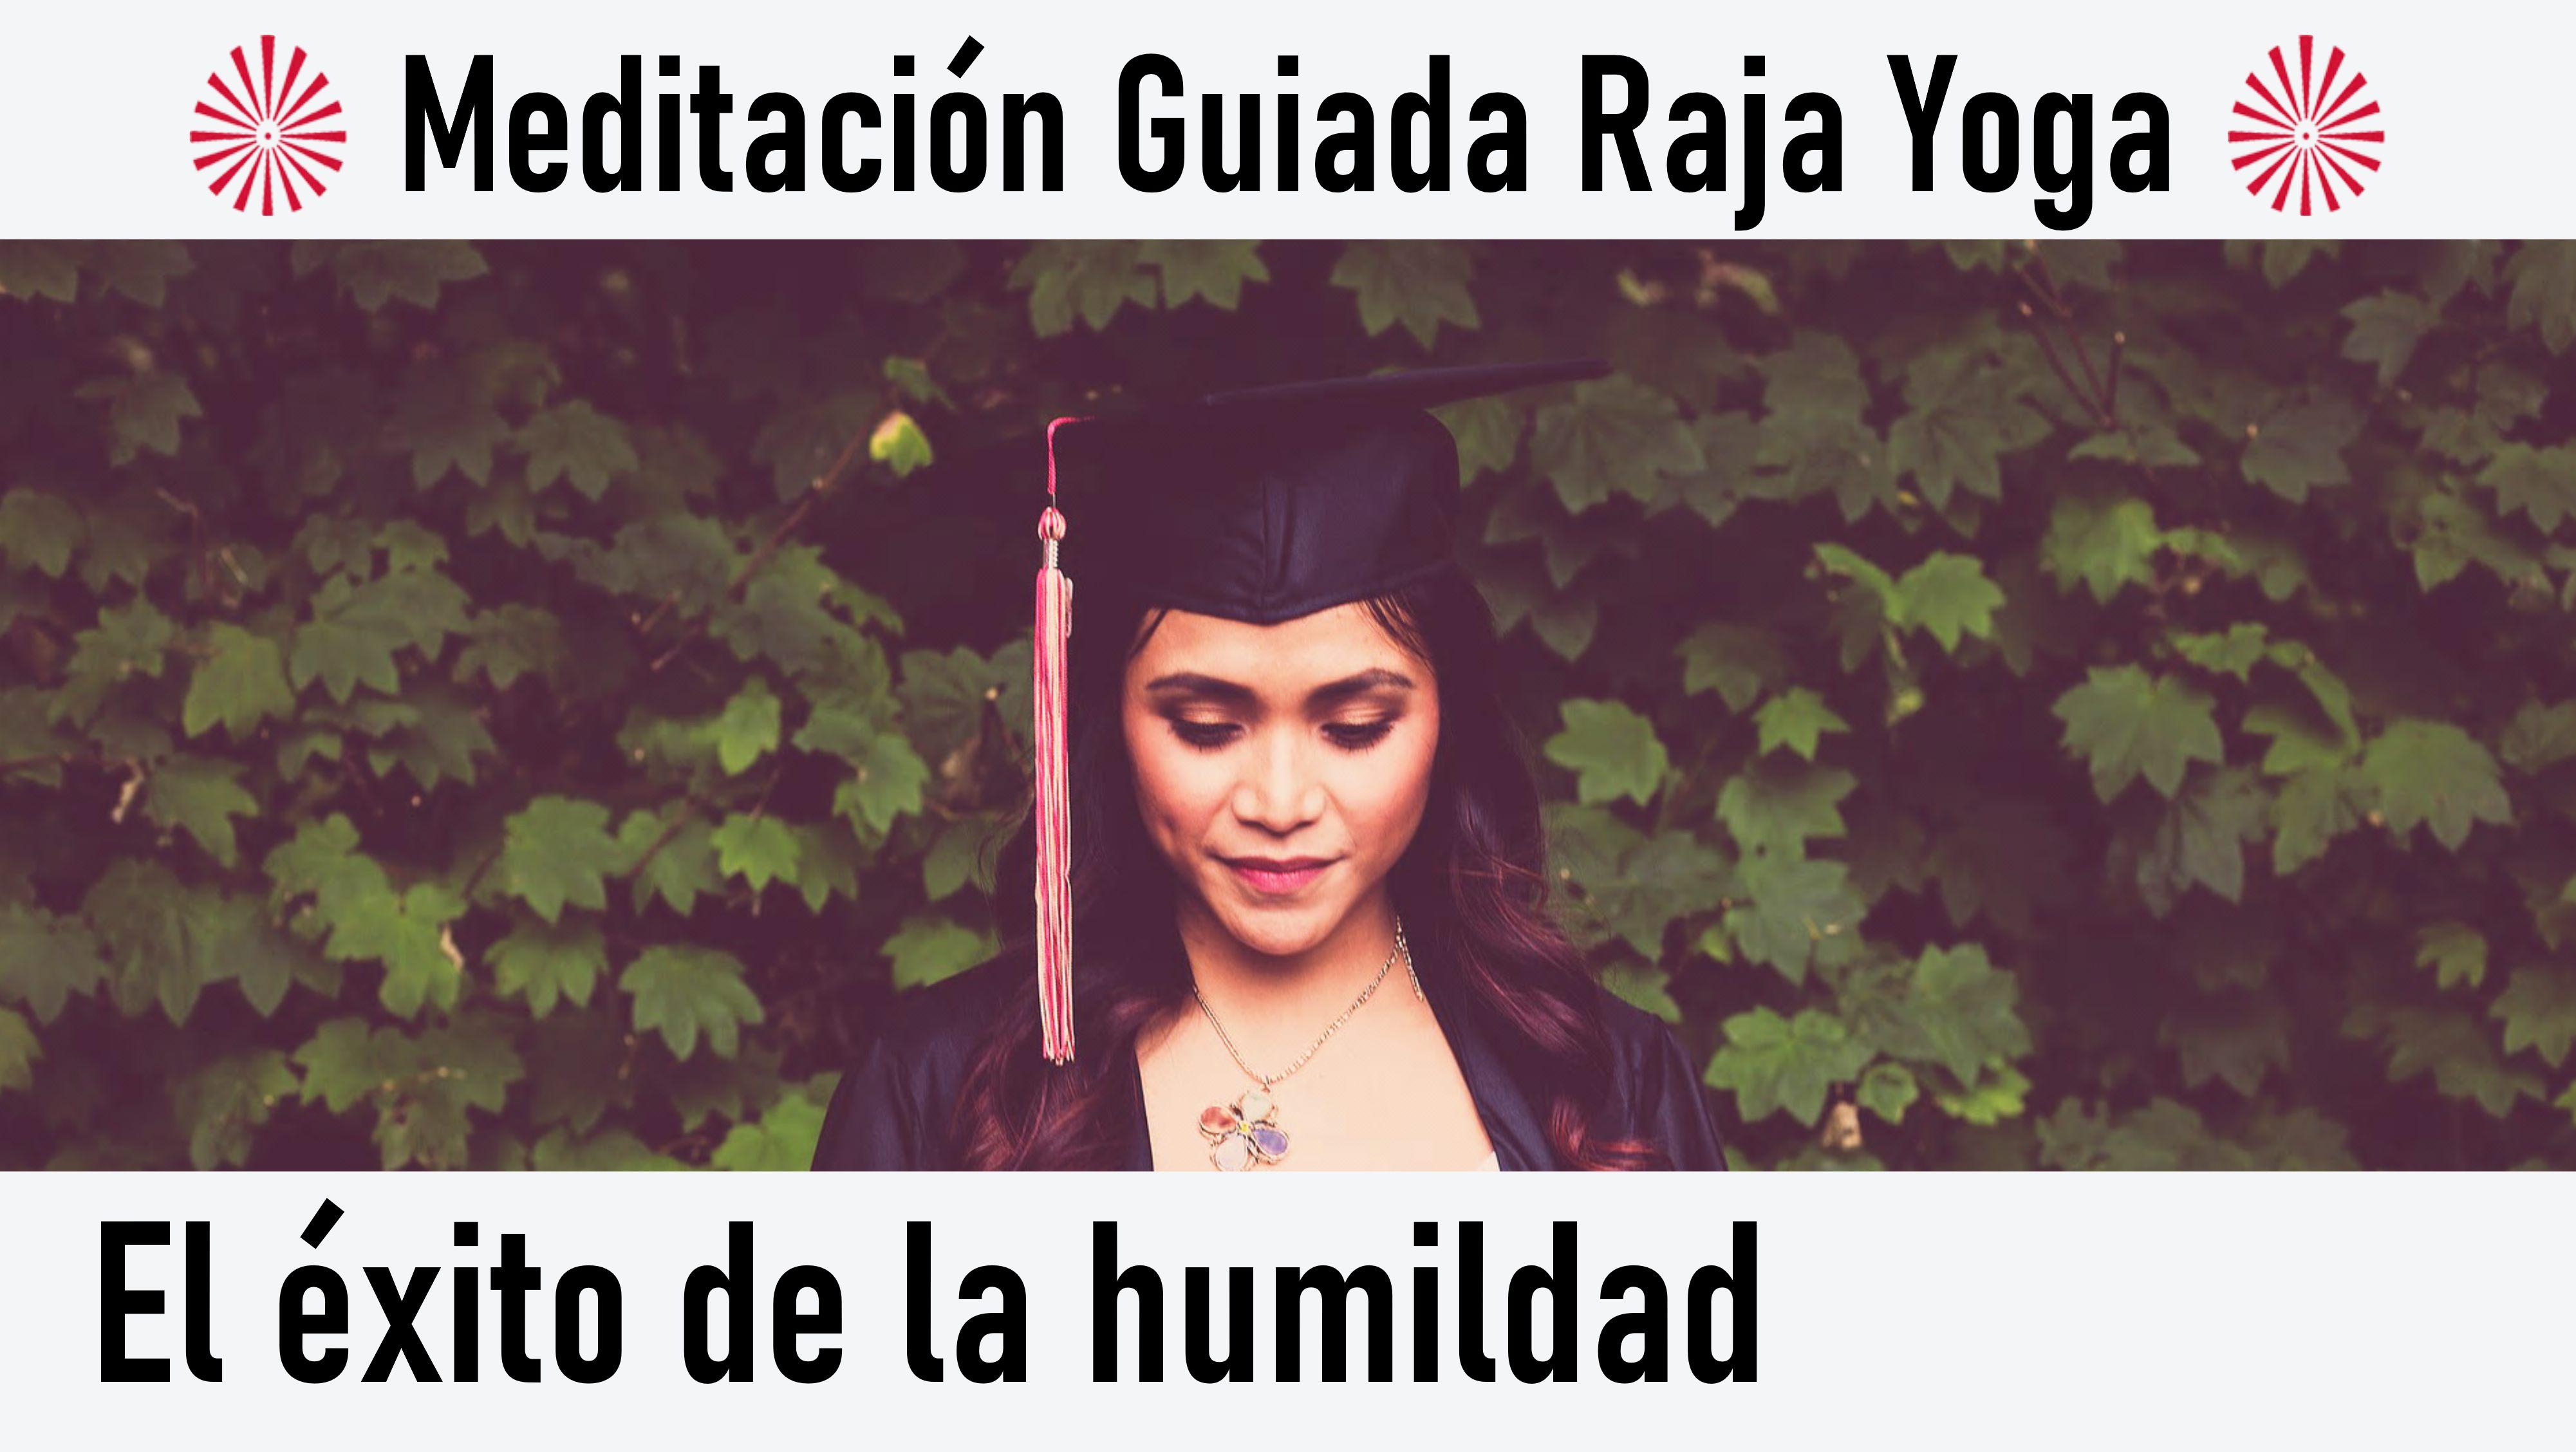 Meditación Raja Yoga: El éxito de la humildad (29 Junio 2020) On-line desde Madrid